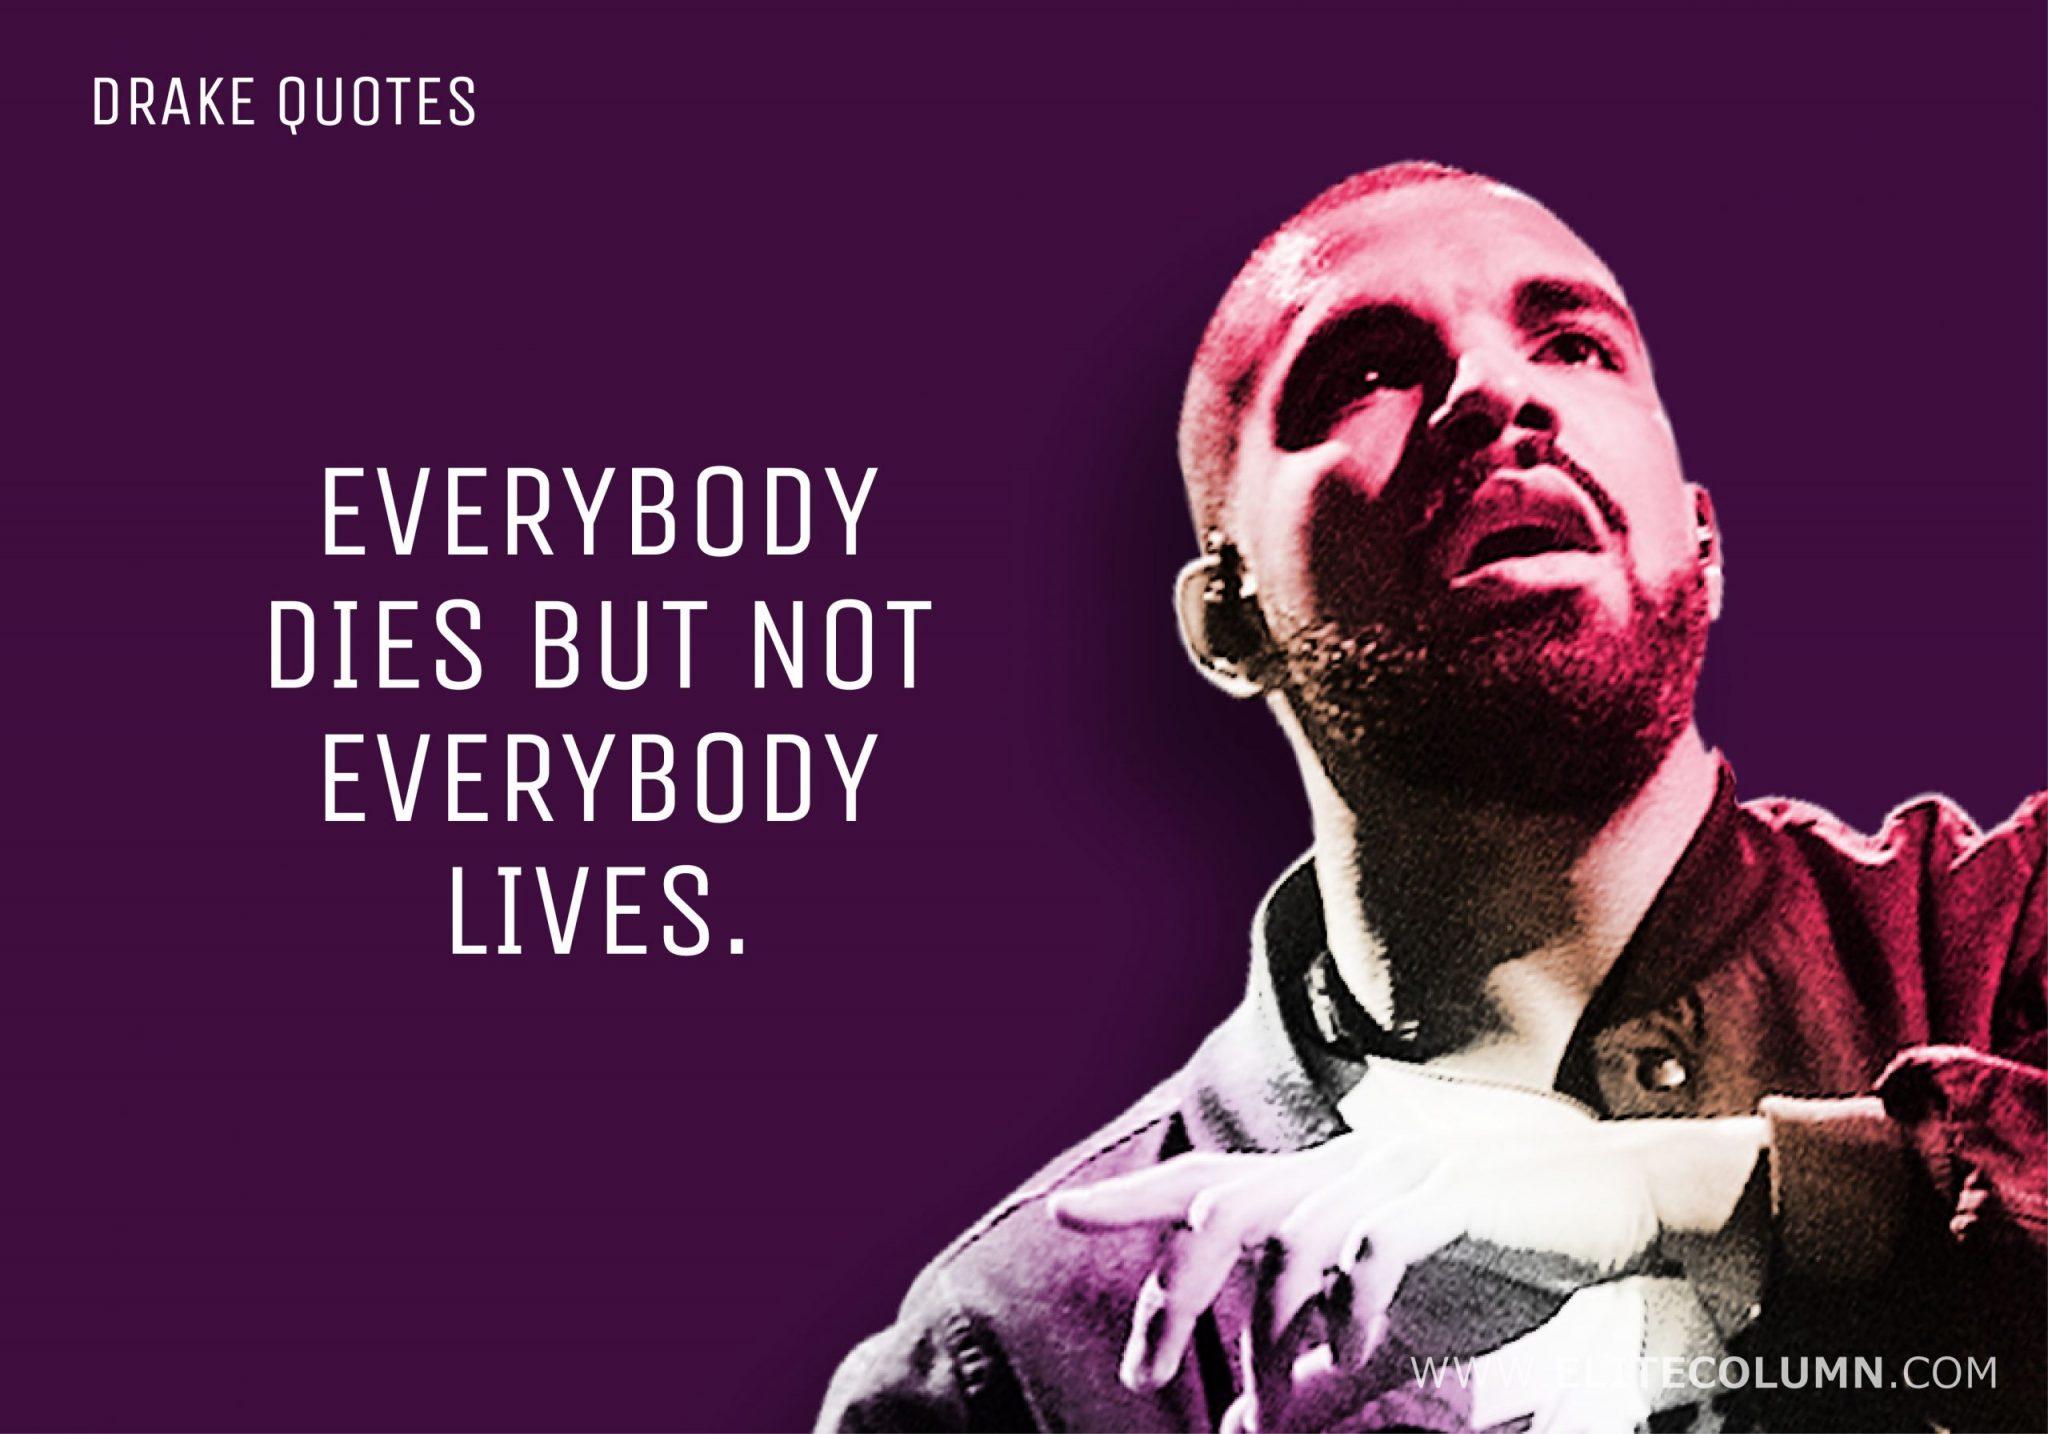 Drake Quotes (3)